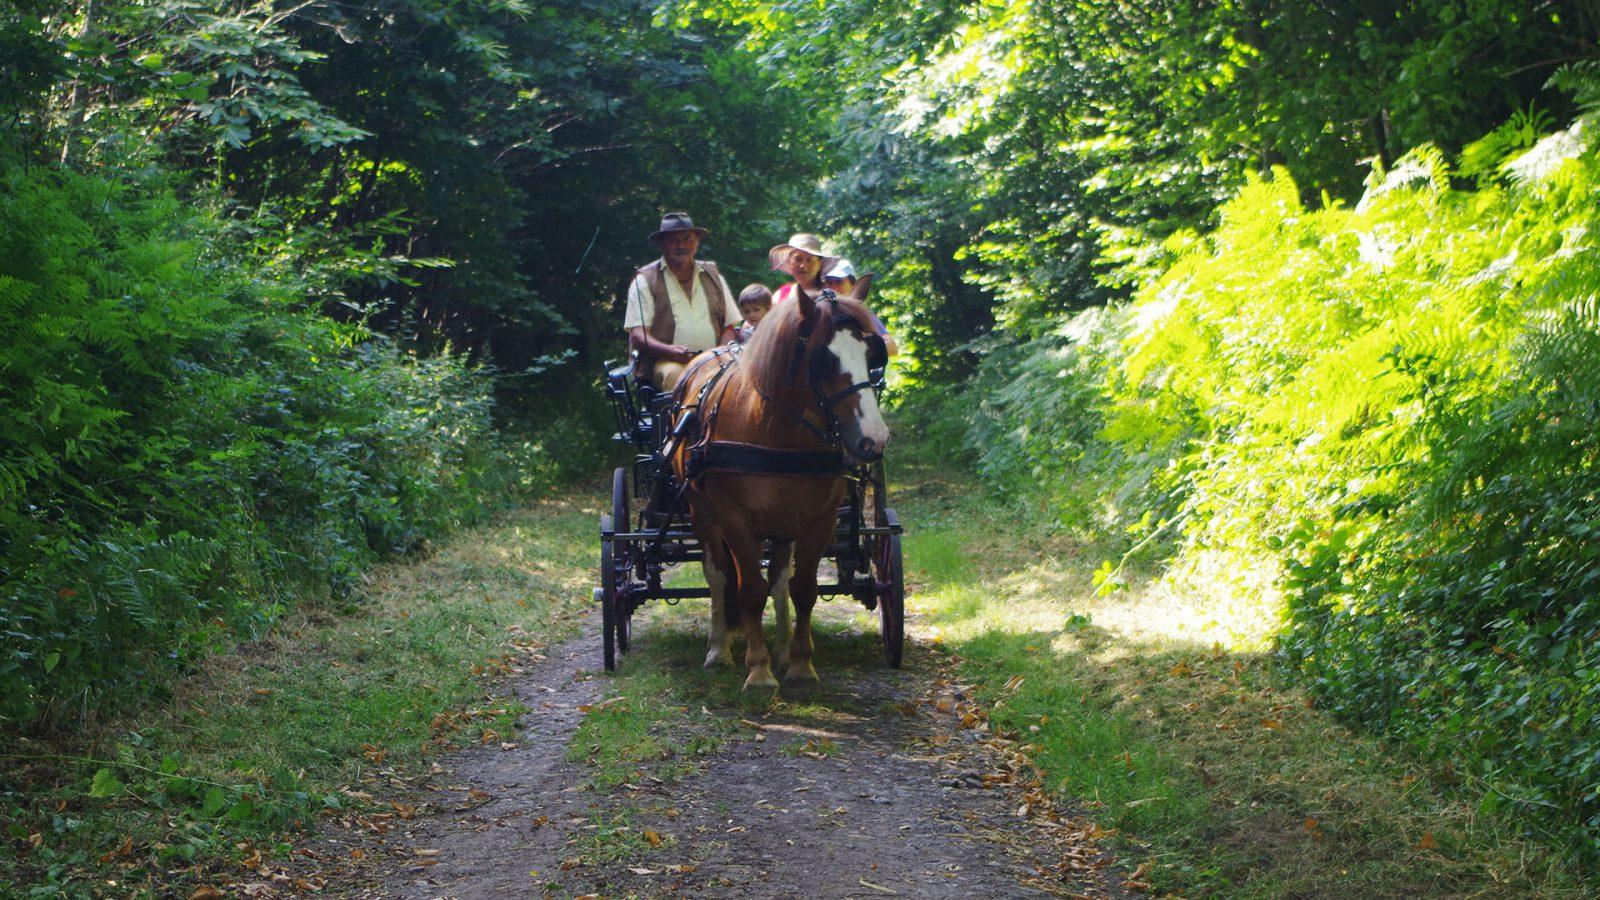 Au fil des chemins Guémenéens vive l'aventure avec Michel le cocher Pays de la Fée Carabosse Guémené-penfao 44 Bretagne Sud Loire Océan